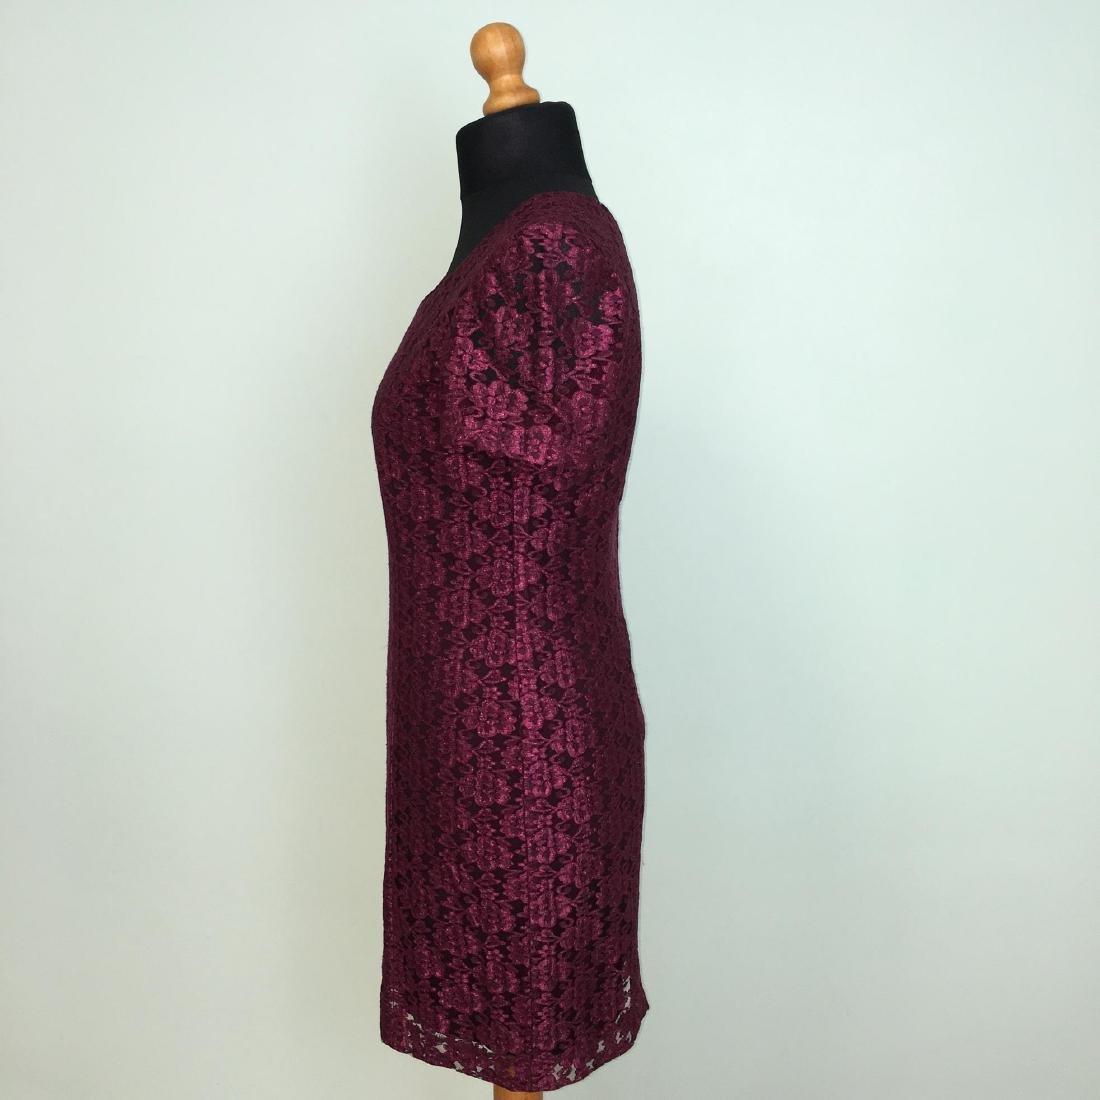 Vintage Women's Evening Coctail Dress - 3